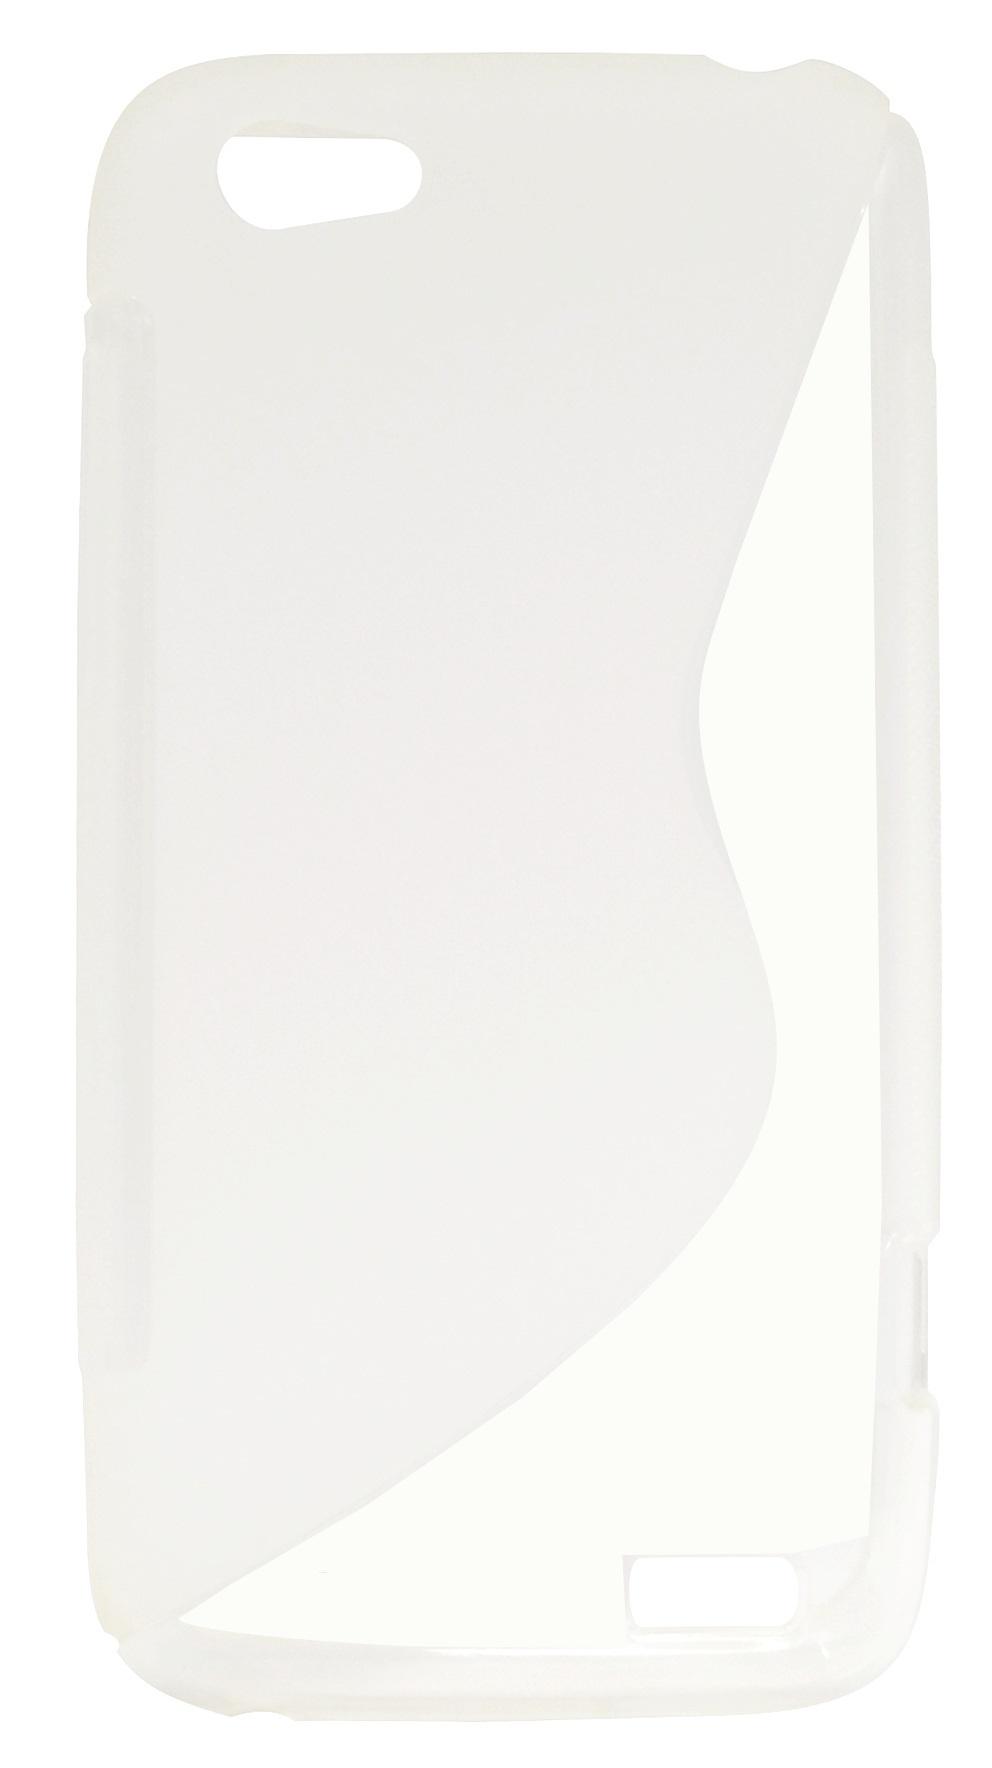 Husa silicon S-line transparenta pentru HTC One V